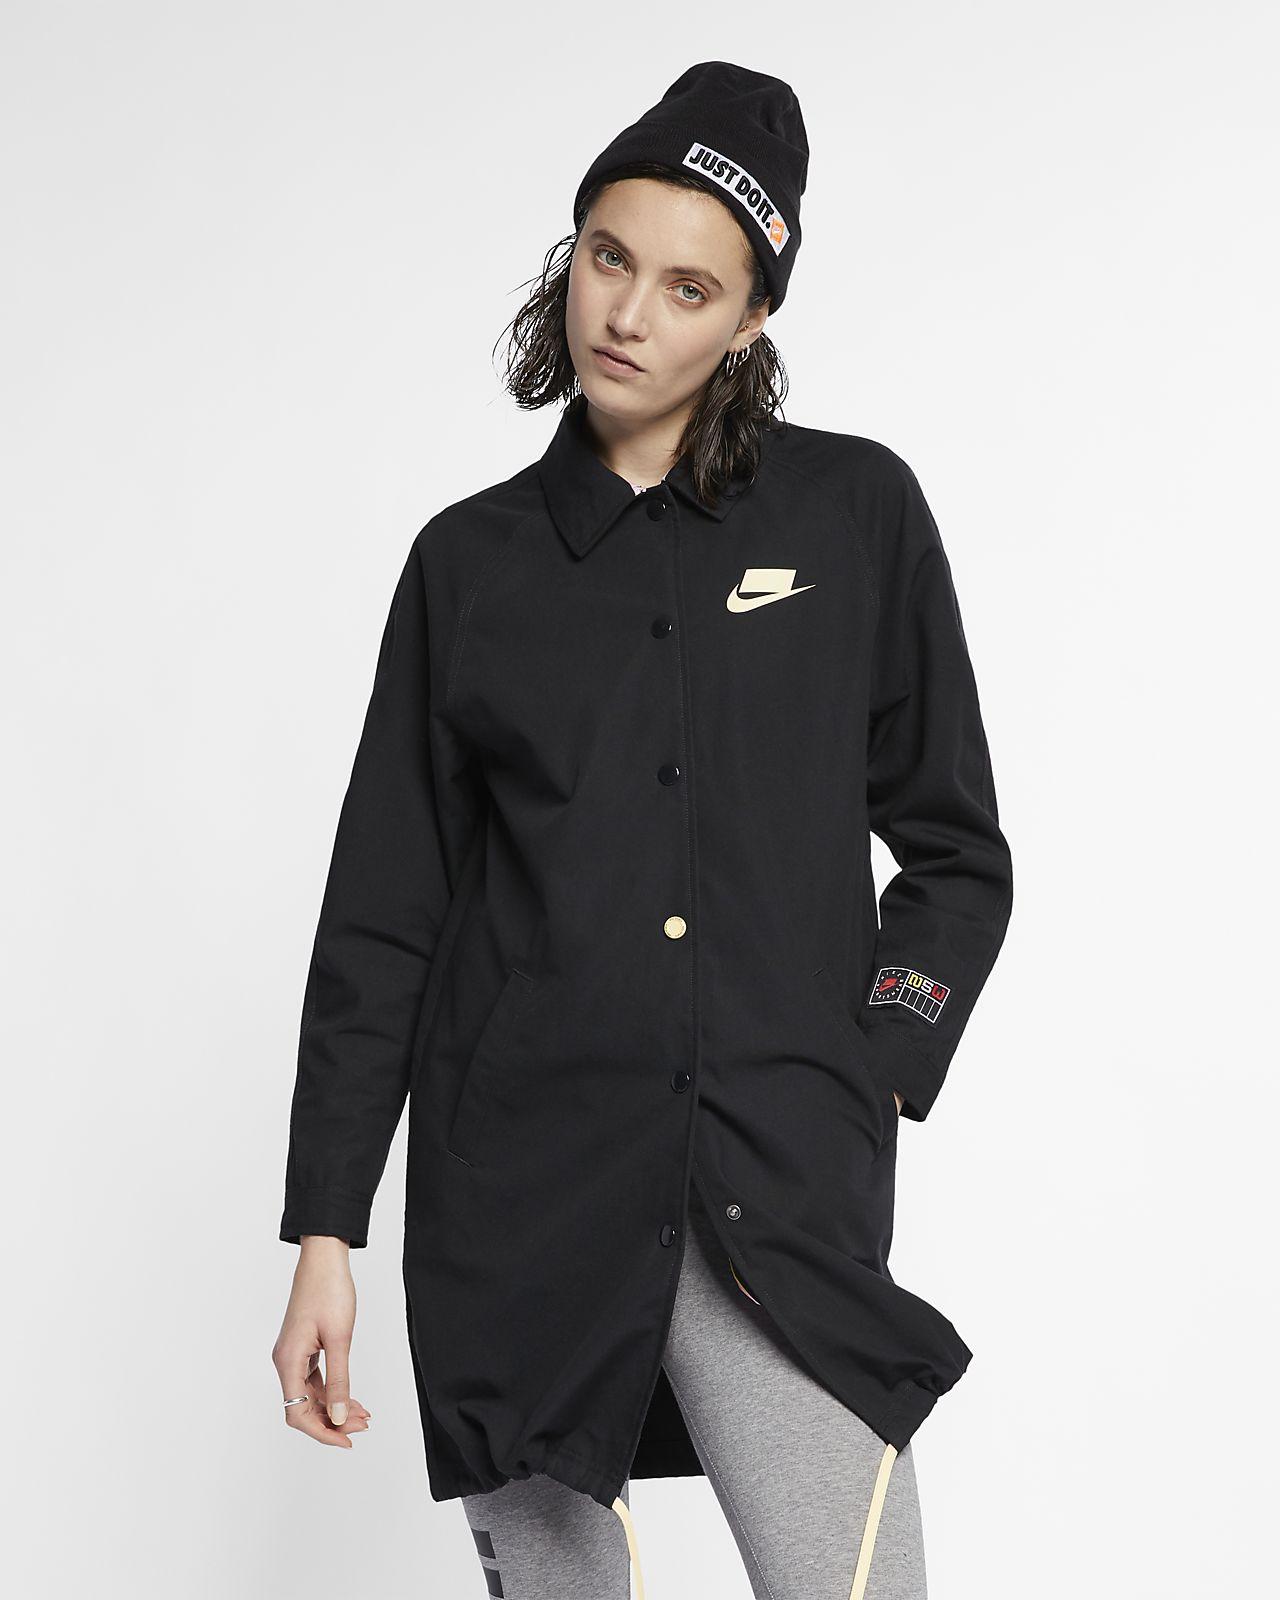 Τζάκετ Nike Sportswear NSW